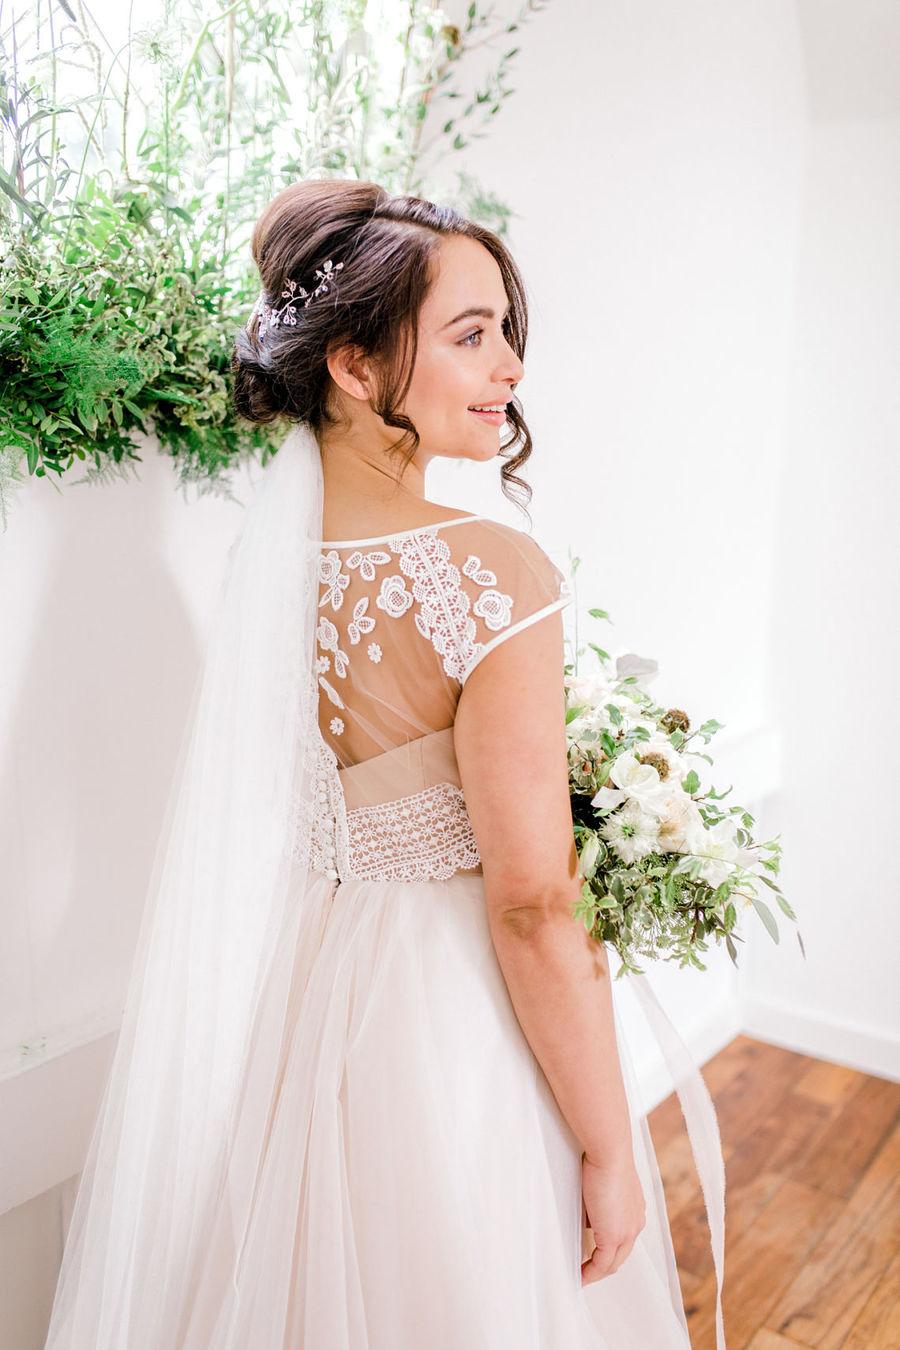 Minimal elegant wedding style ideas by Wildflower Wedding Planner Natasha, images Helene Elliott Photography (16)